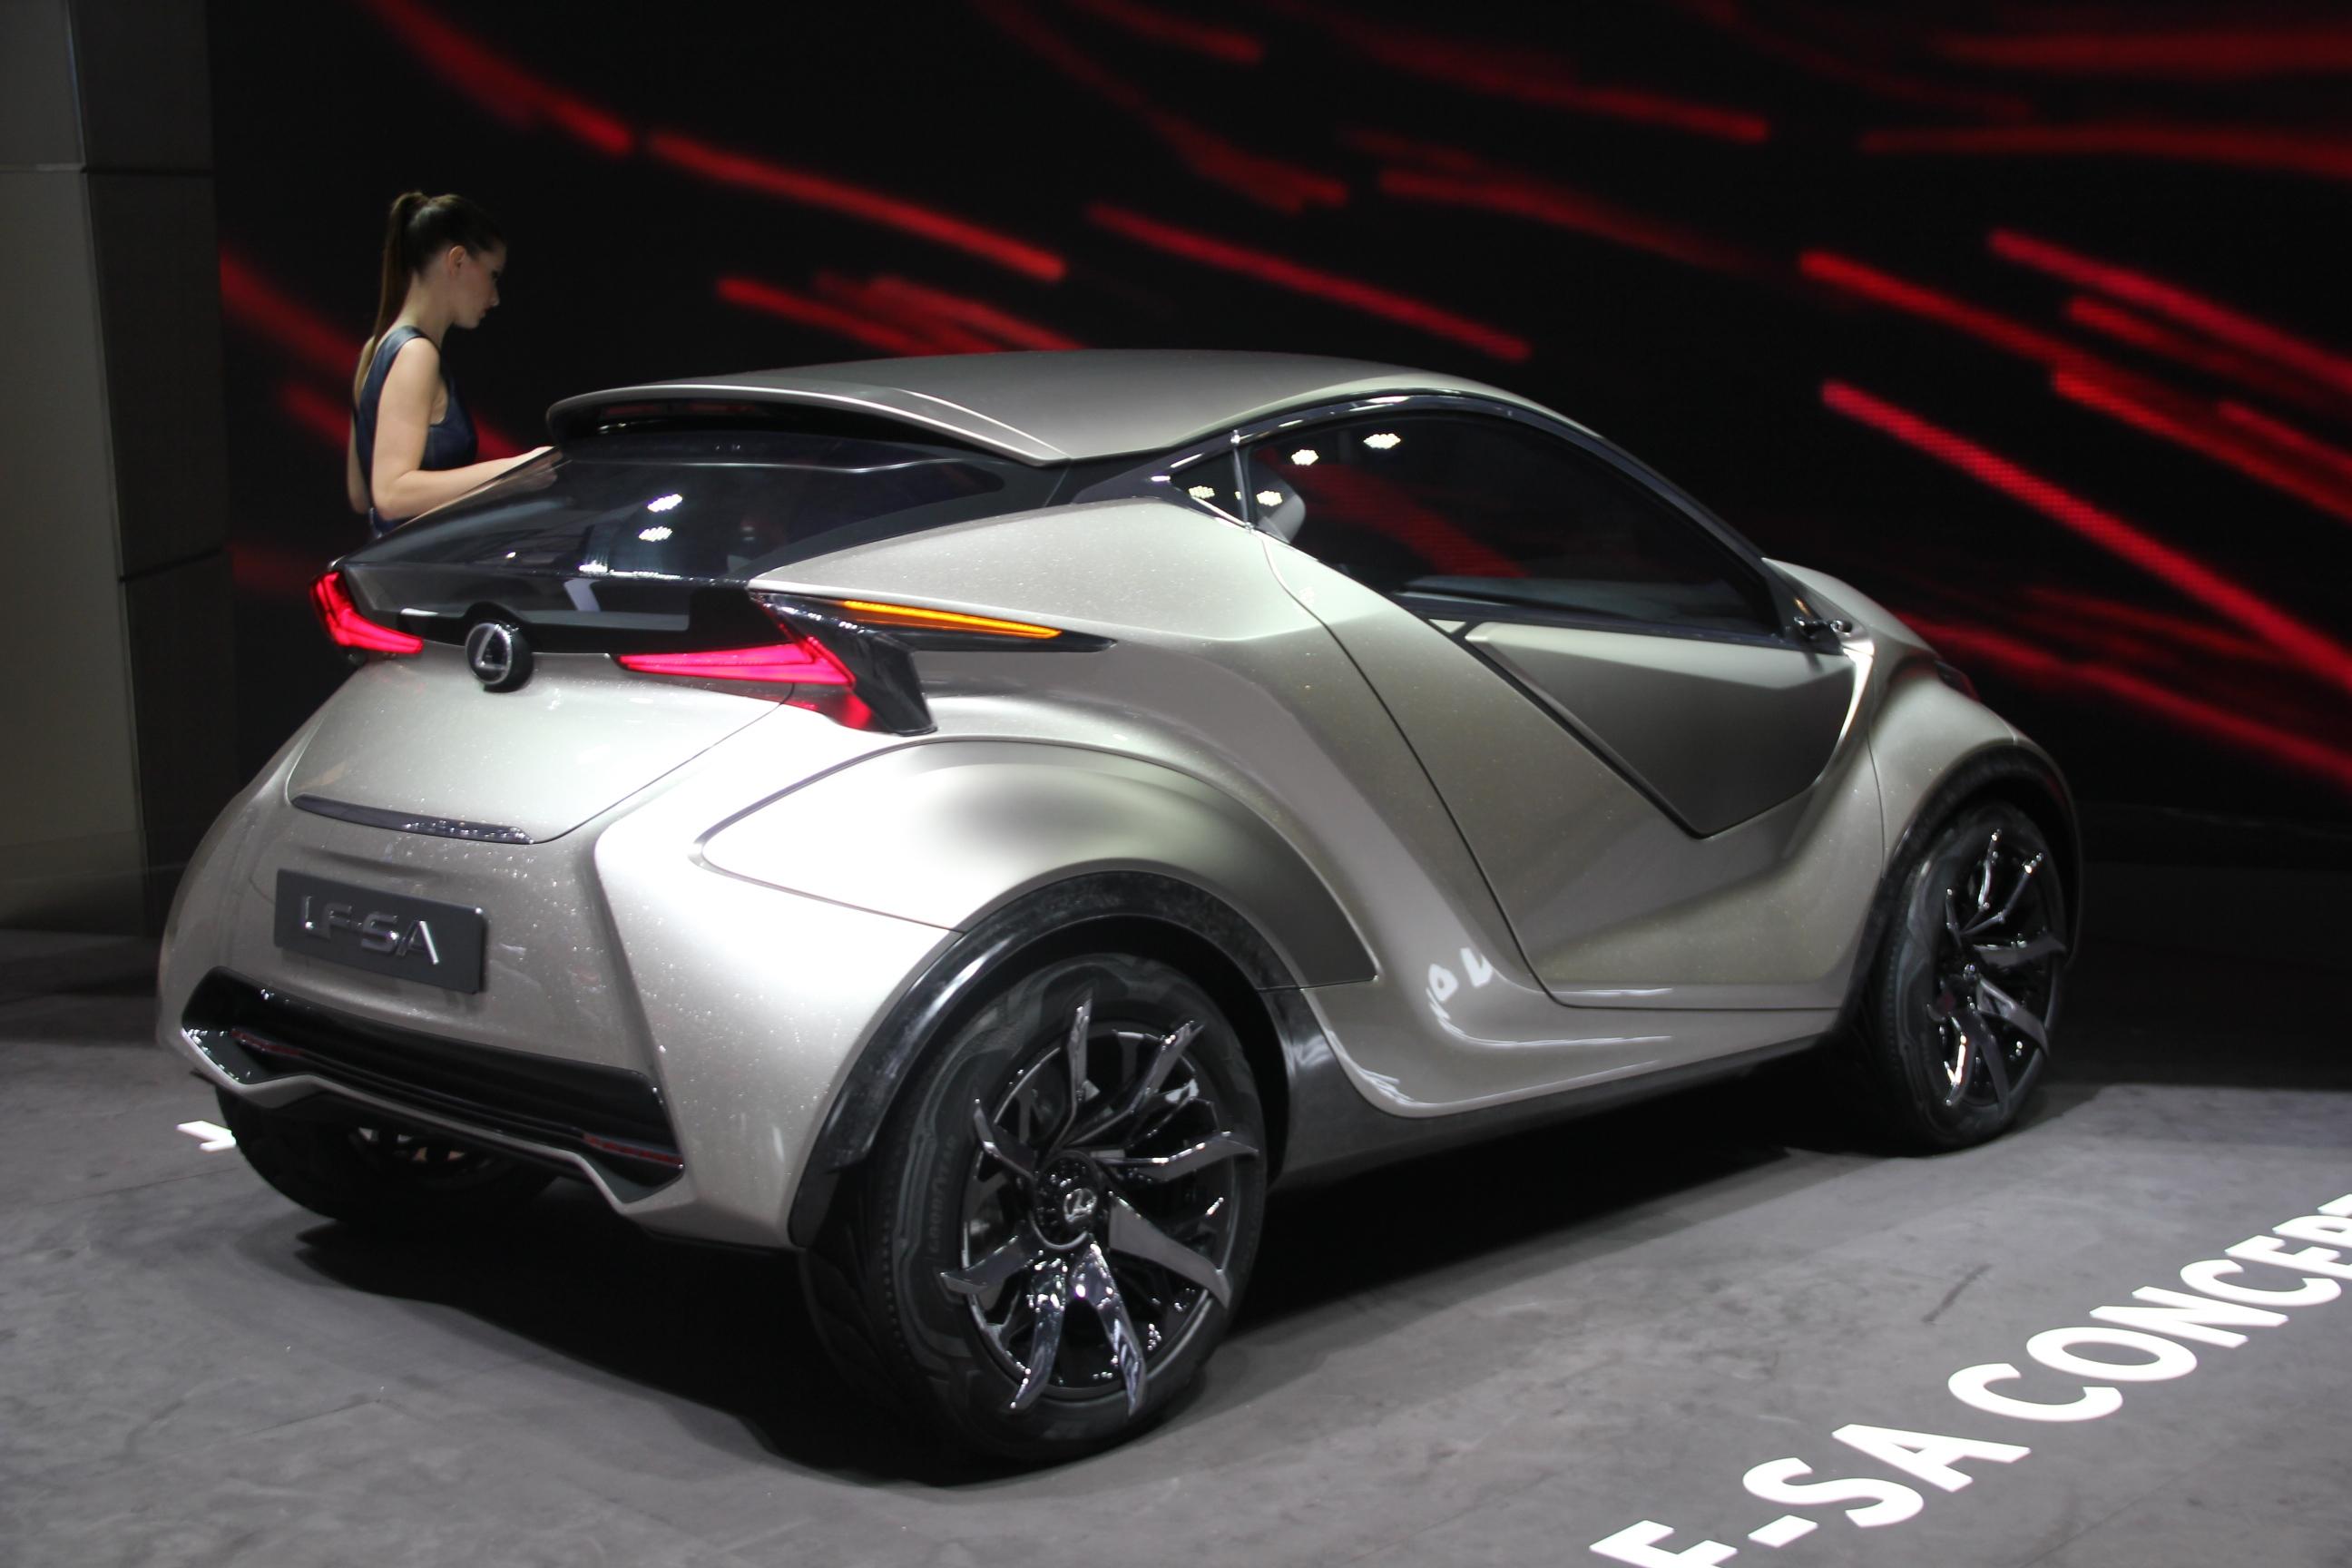 S0-Lexus-LF-SA-Concept-nouveaux-horizons-En-direct-du-salon-de-Geneve-2015-347825.jpg